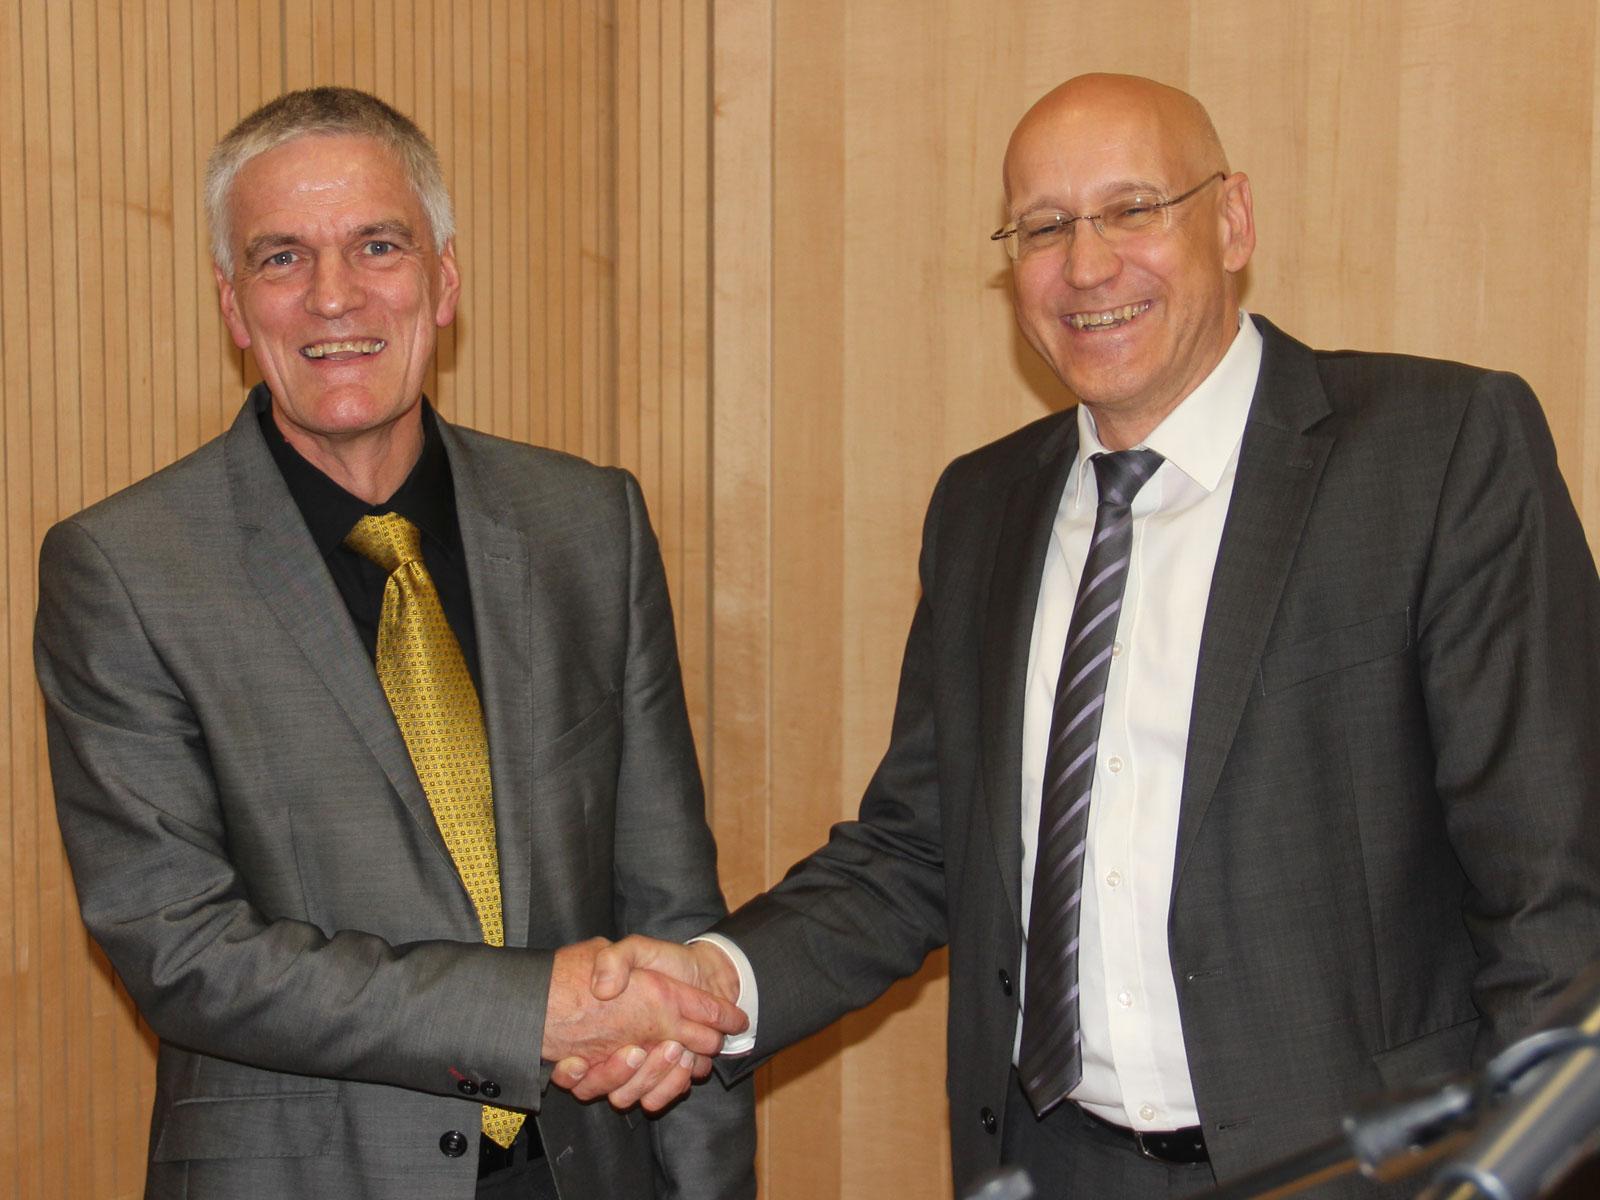 Peter Mauch ist neuer Beigeordneter in der Gemeinde Kernen